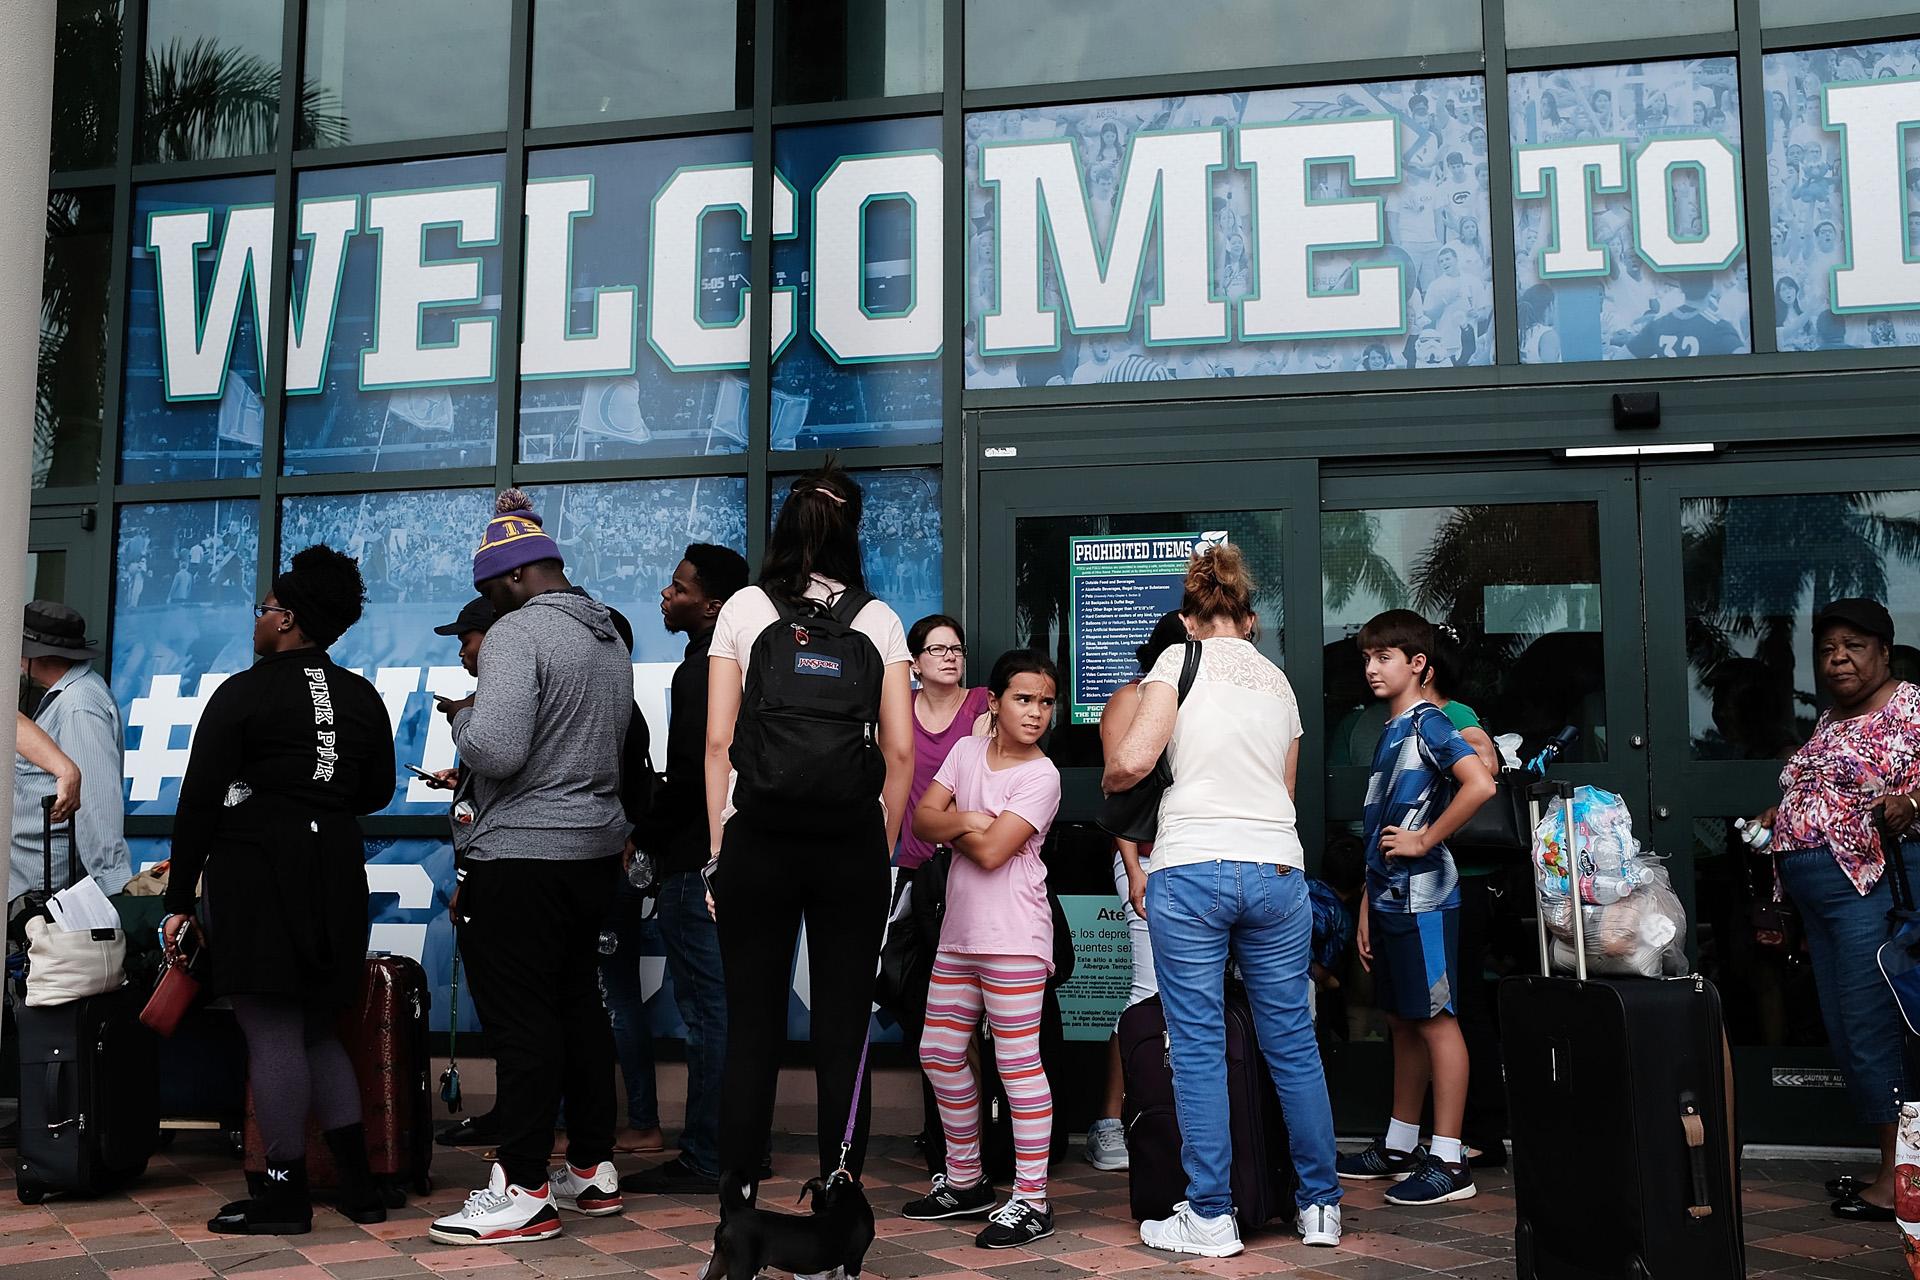 FORT MYERS, FL – SEPTEMBER 09: La gente llega a un refugio en Alico Arena donde miles de floridanos esperan superar el huracán Irma el 9 de septiembre de 2017 en Fort Myers, Florida. (Getty)